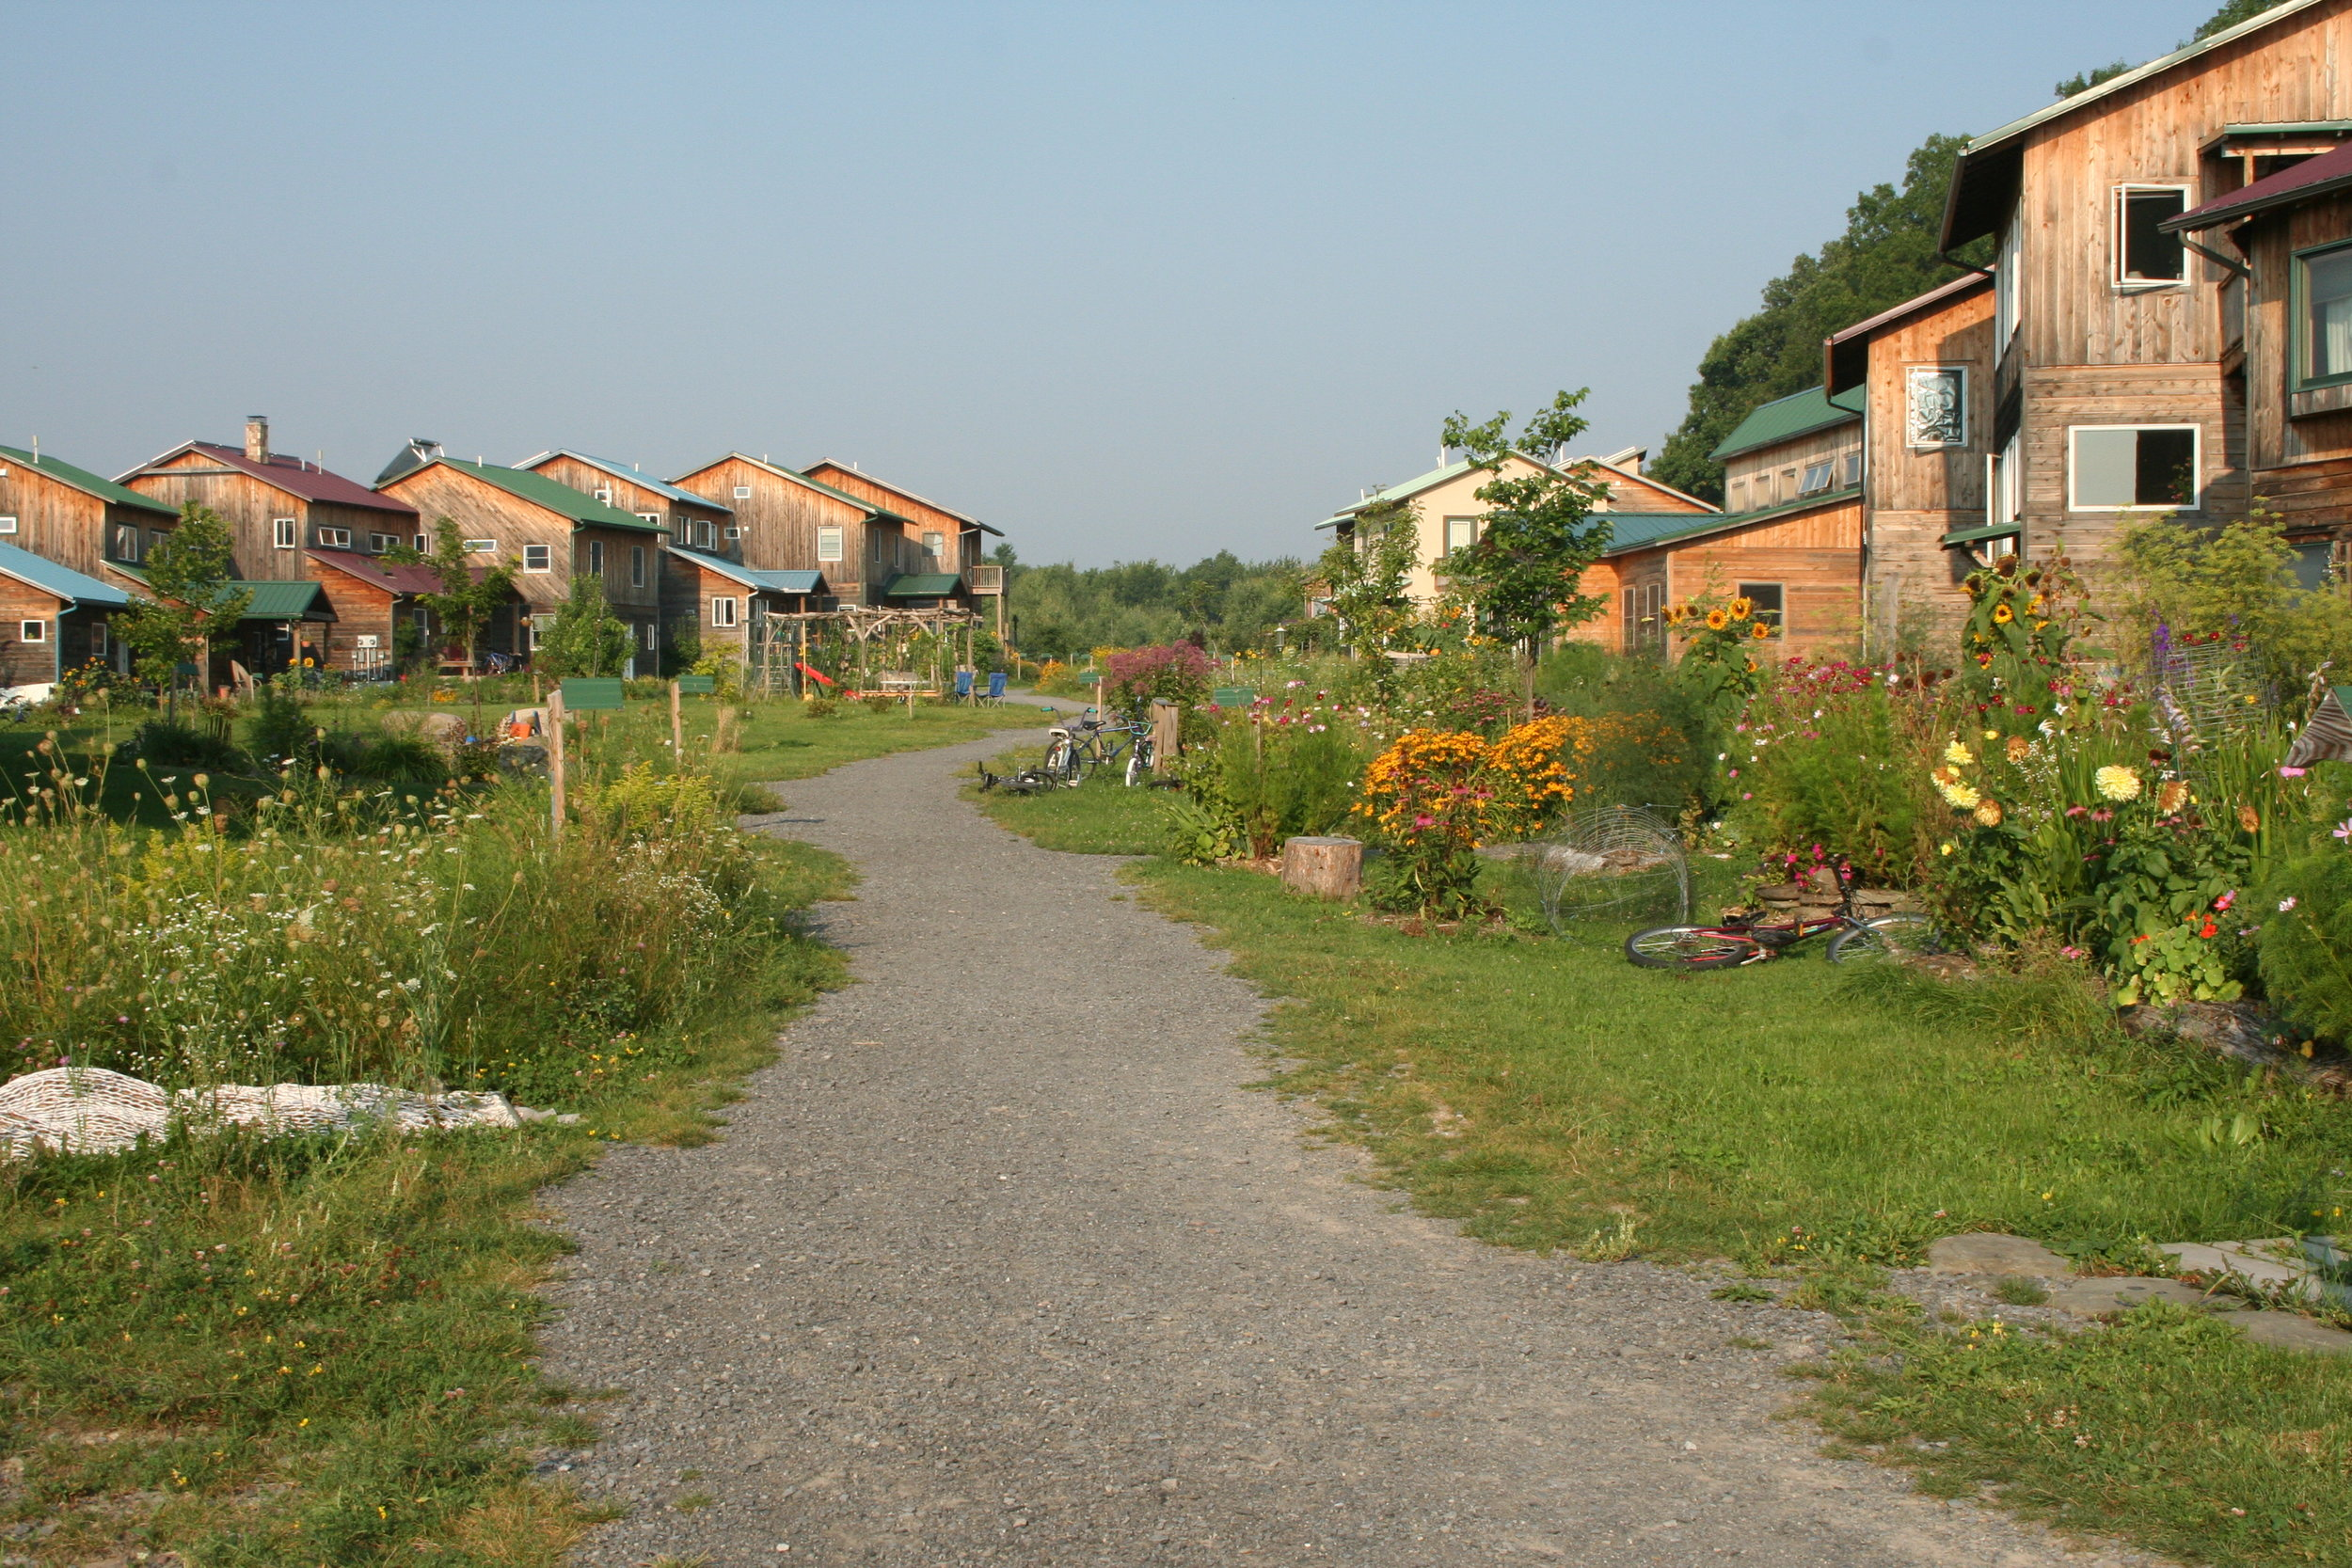 Eco-Village-Ithaca-Song-Neighborhood-Aug-2007.jpg